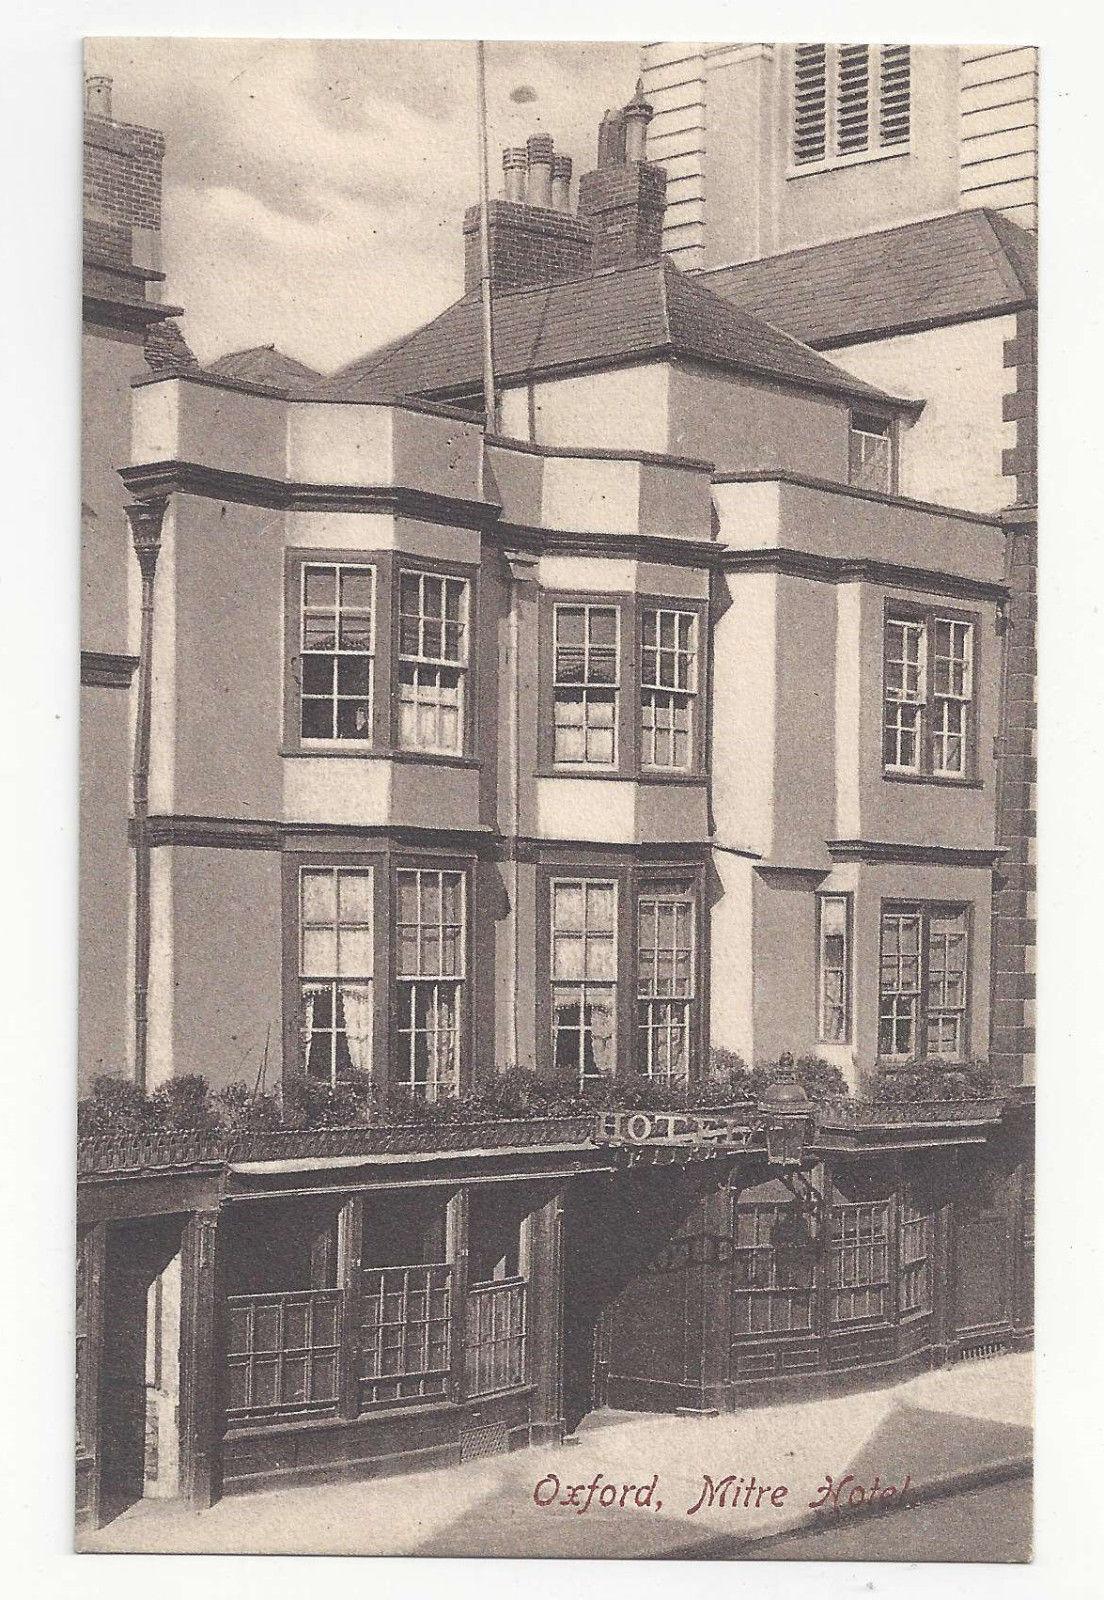 UK Oxford Mitre Hotel Vtg Frith's Postcard